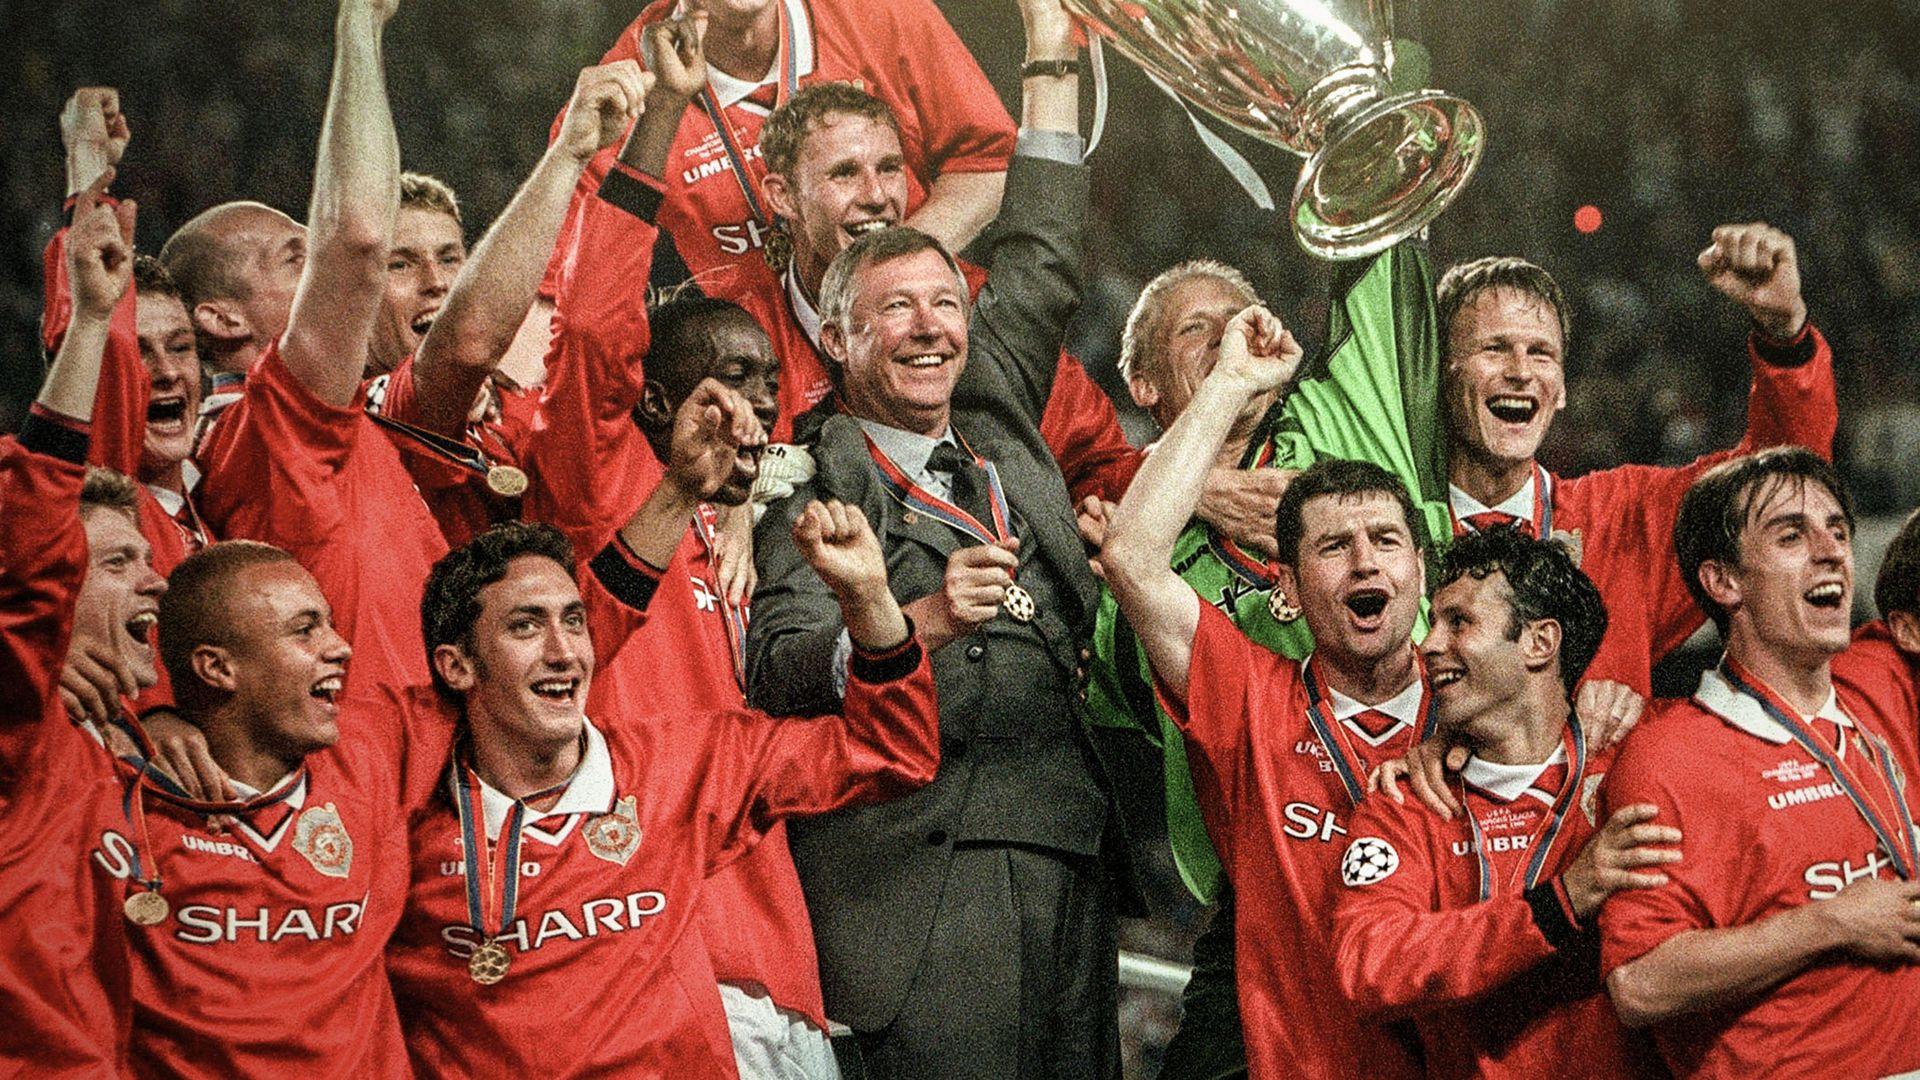 Sir Alex Ferguson Returns To Man Utd Dugout For Legends